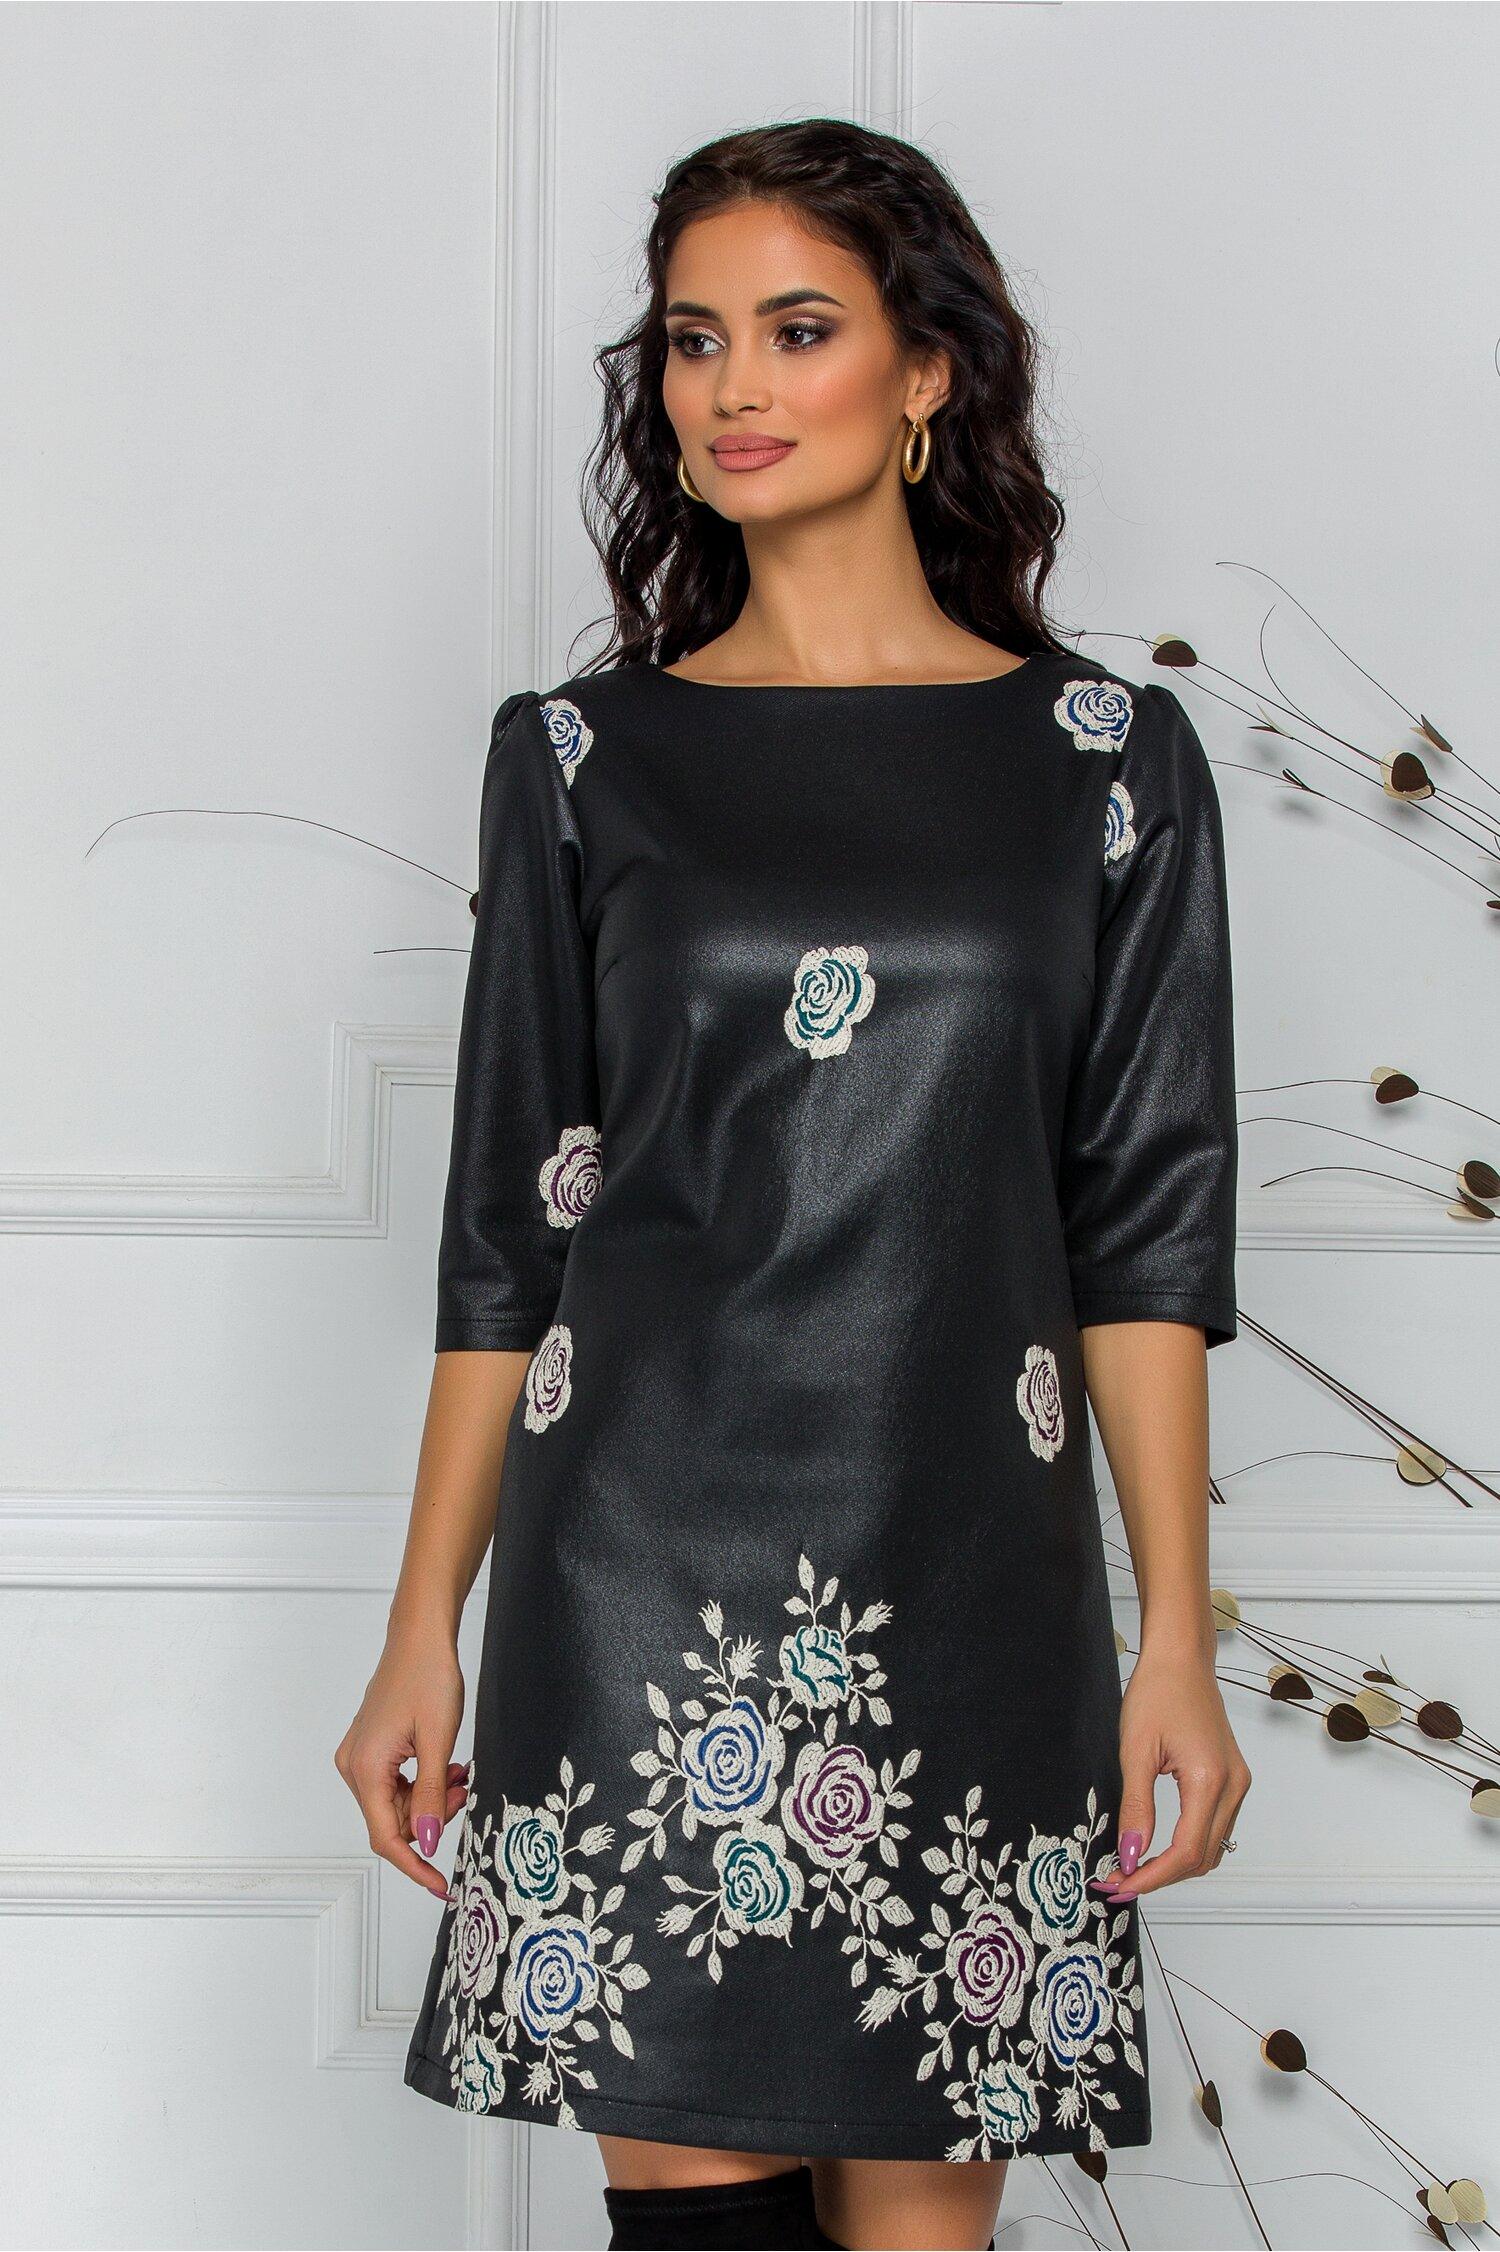 Rochie LaDonna neagra cu trandafiri turcoaz brodati